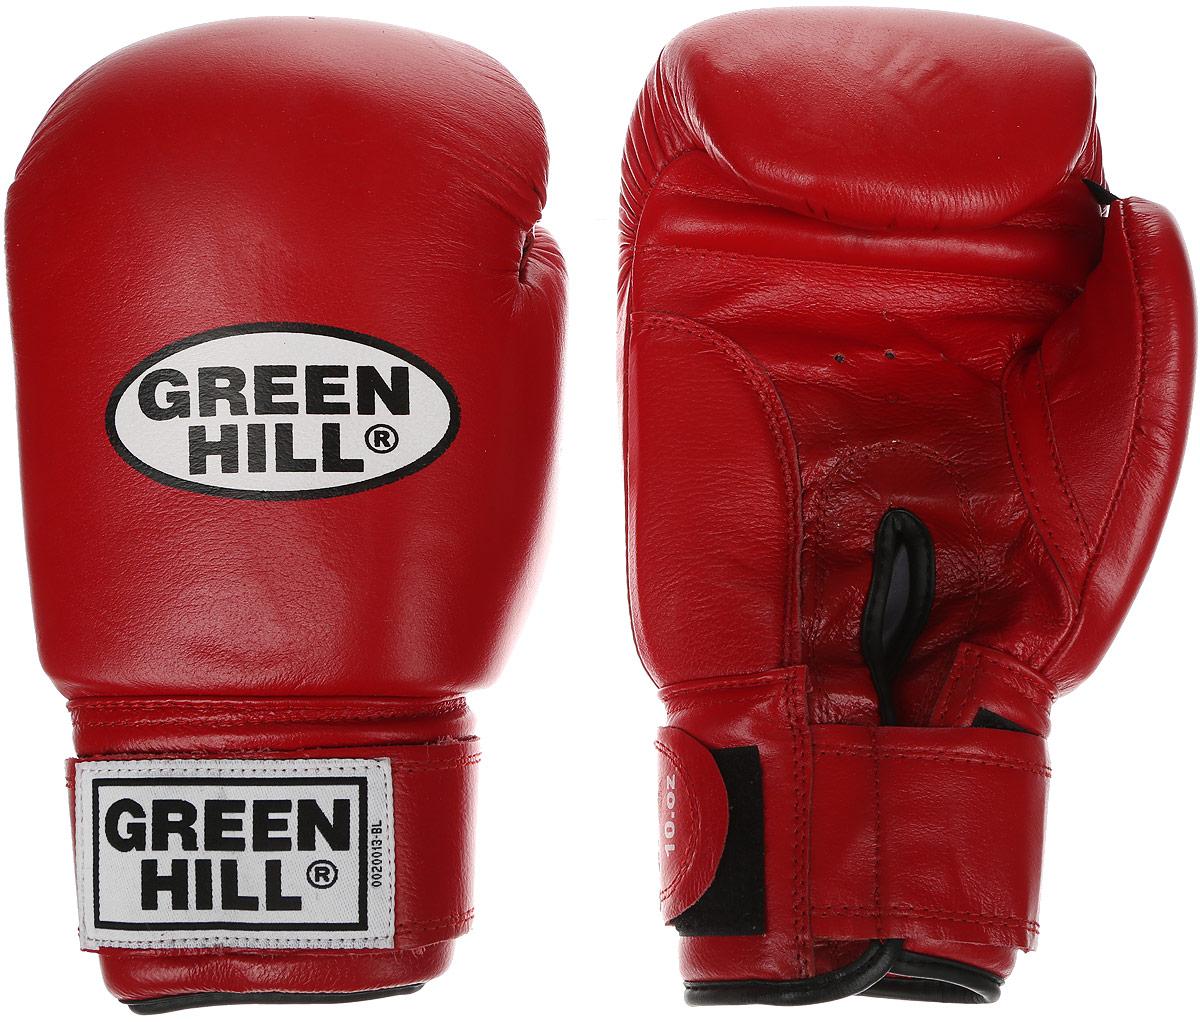 Перчатки боксерские Green Hill Super Star, цвет: красный, белый. Вес 10 унций. BGS-1213сBGA-2024Боксерские перчатки Green Hill Super Star предназначены для использования профессионалами. Подойдут для спаррингов и соревнований. Верх выполнен из натуральной кожи, наполнитель - из вспененного полимера. Отверстие в области ладони позволяет создать максимально комфортный терморежим во время занятий. Манжет на липучке способствует быстрому и удобному надеванию перчаток, плотно фиксирует перчатки на руке.